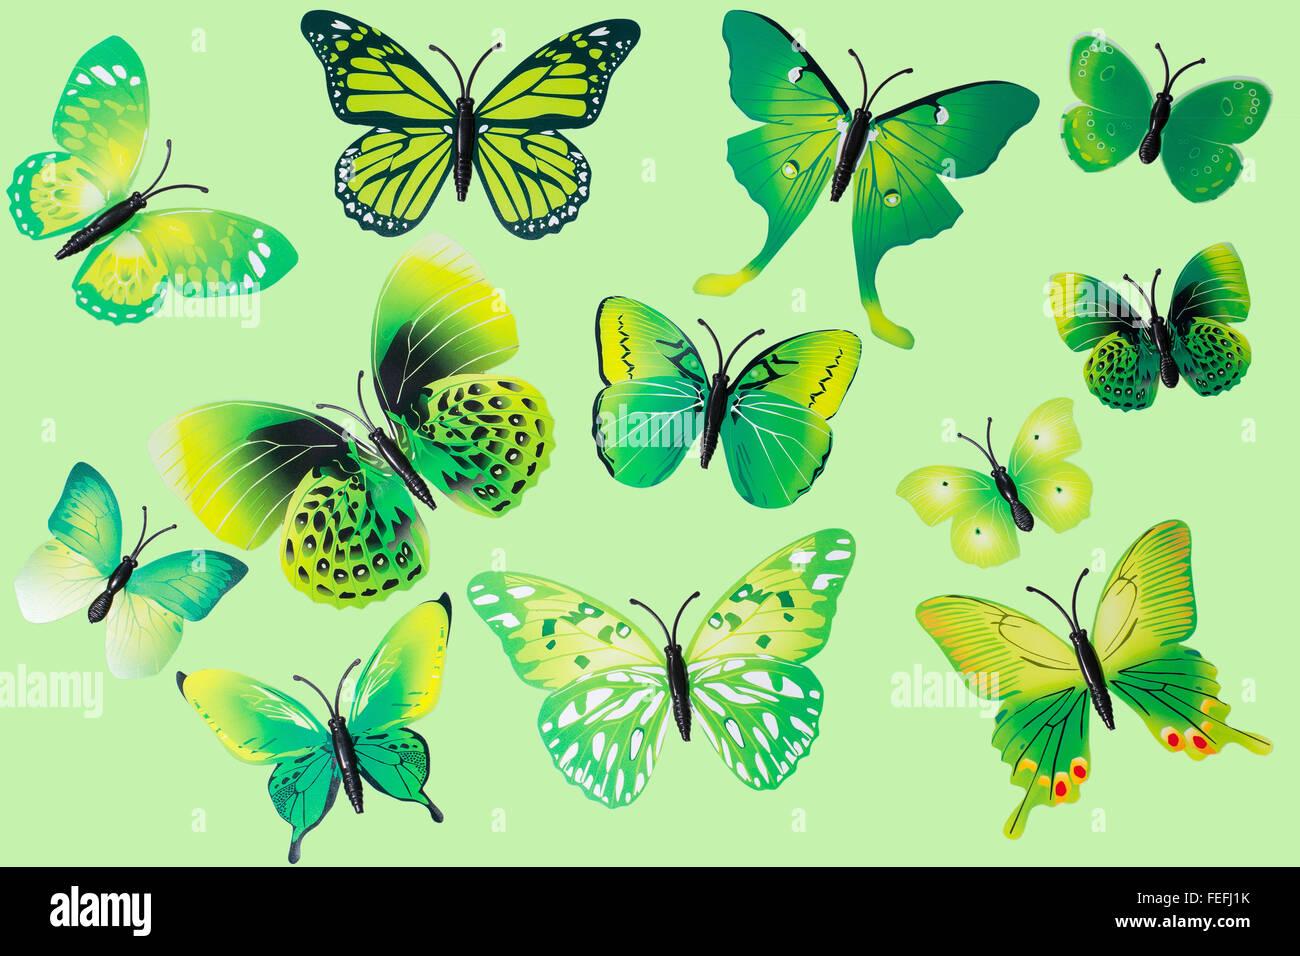 Sammlung von grünen Fantasy Schmetterlinge ClipArt isoliert Stockbild